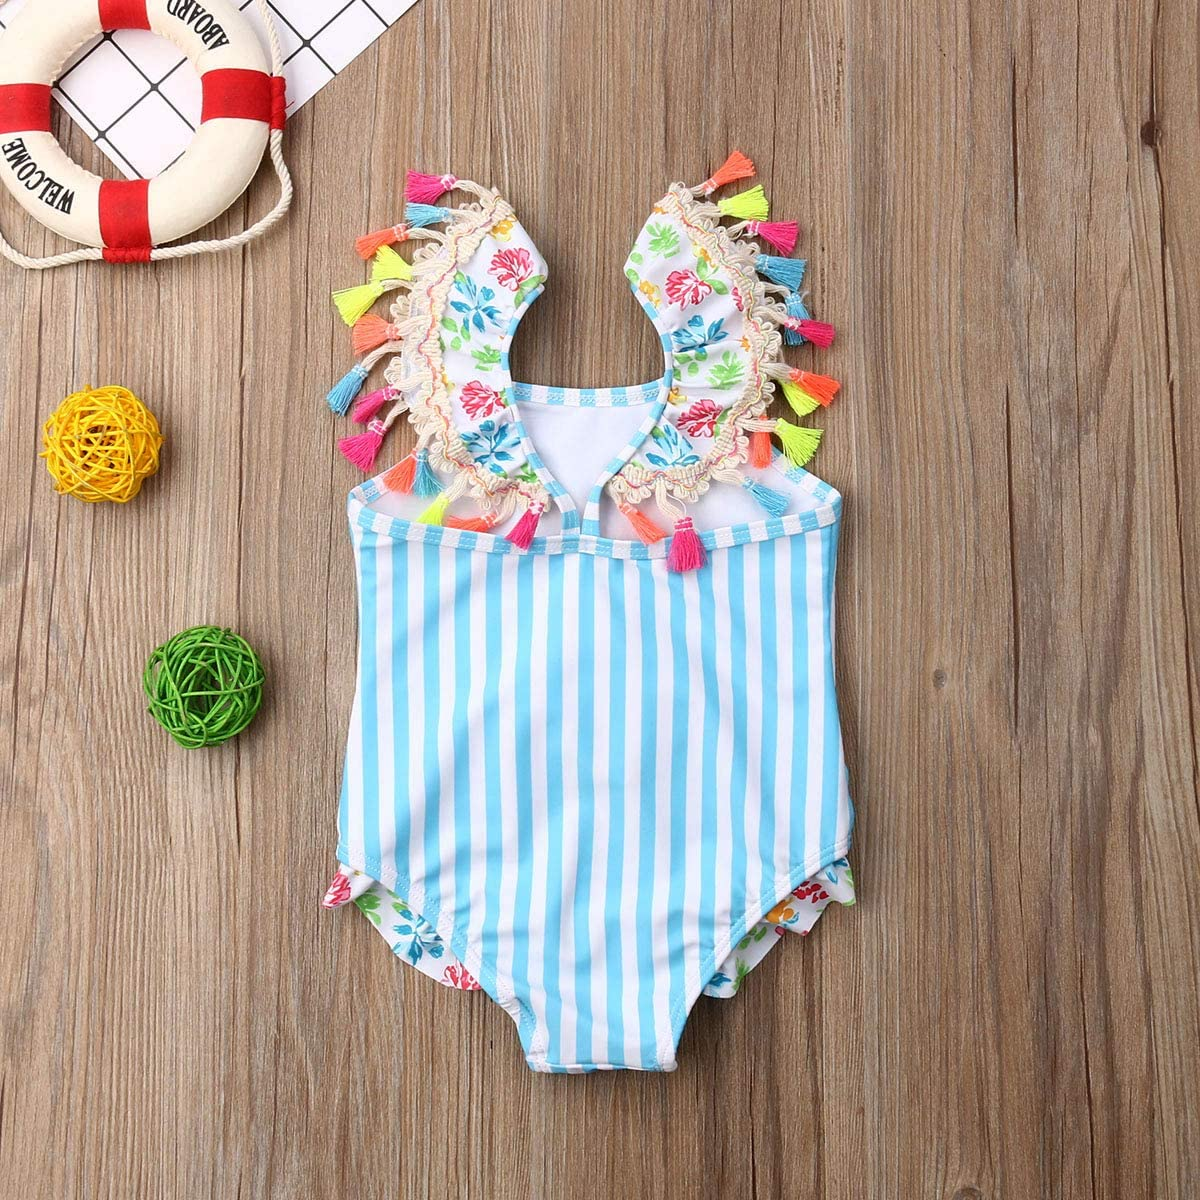 Kids Toddler Baby Girl One Piece Swimsuit Beach Wear Striped Flamingo Tassels Swimwear Bathing Suits 0-7T